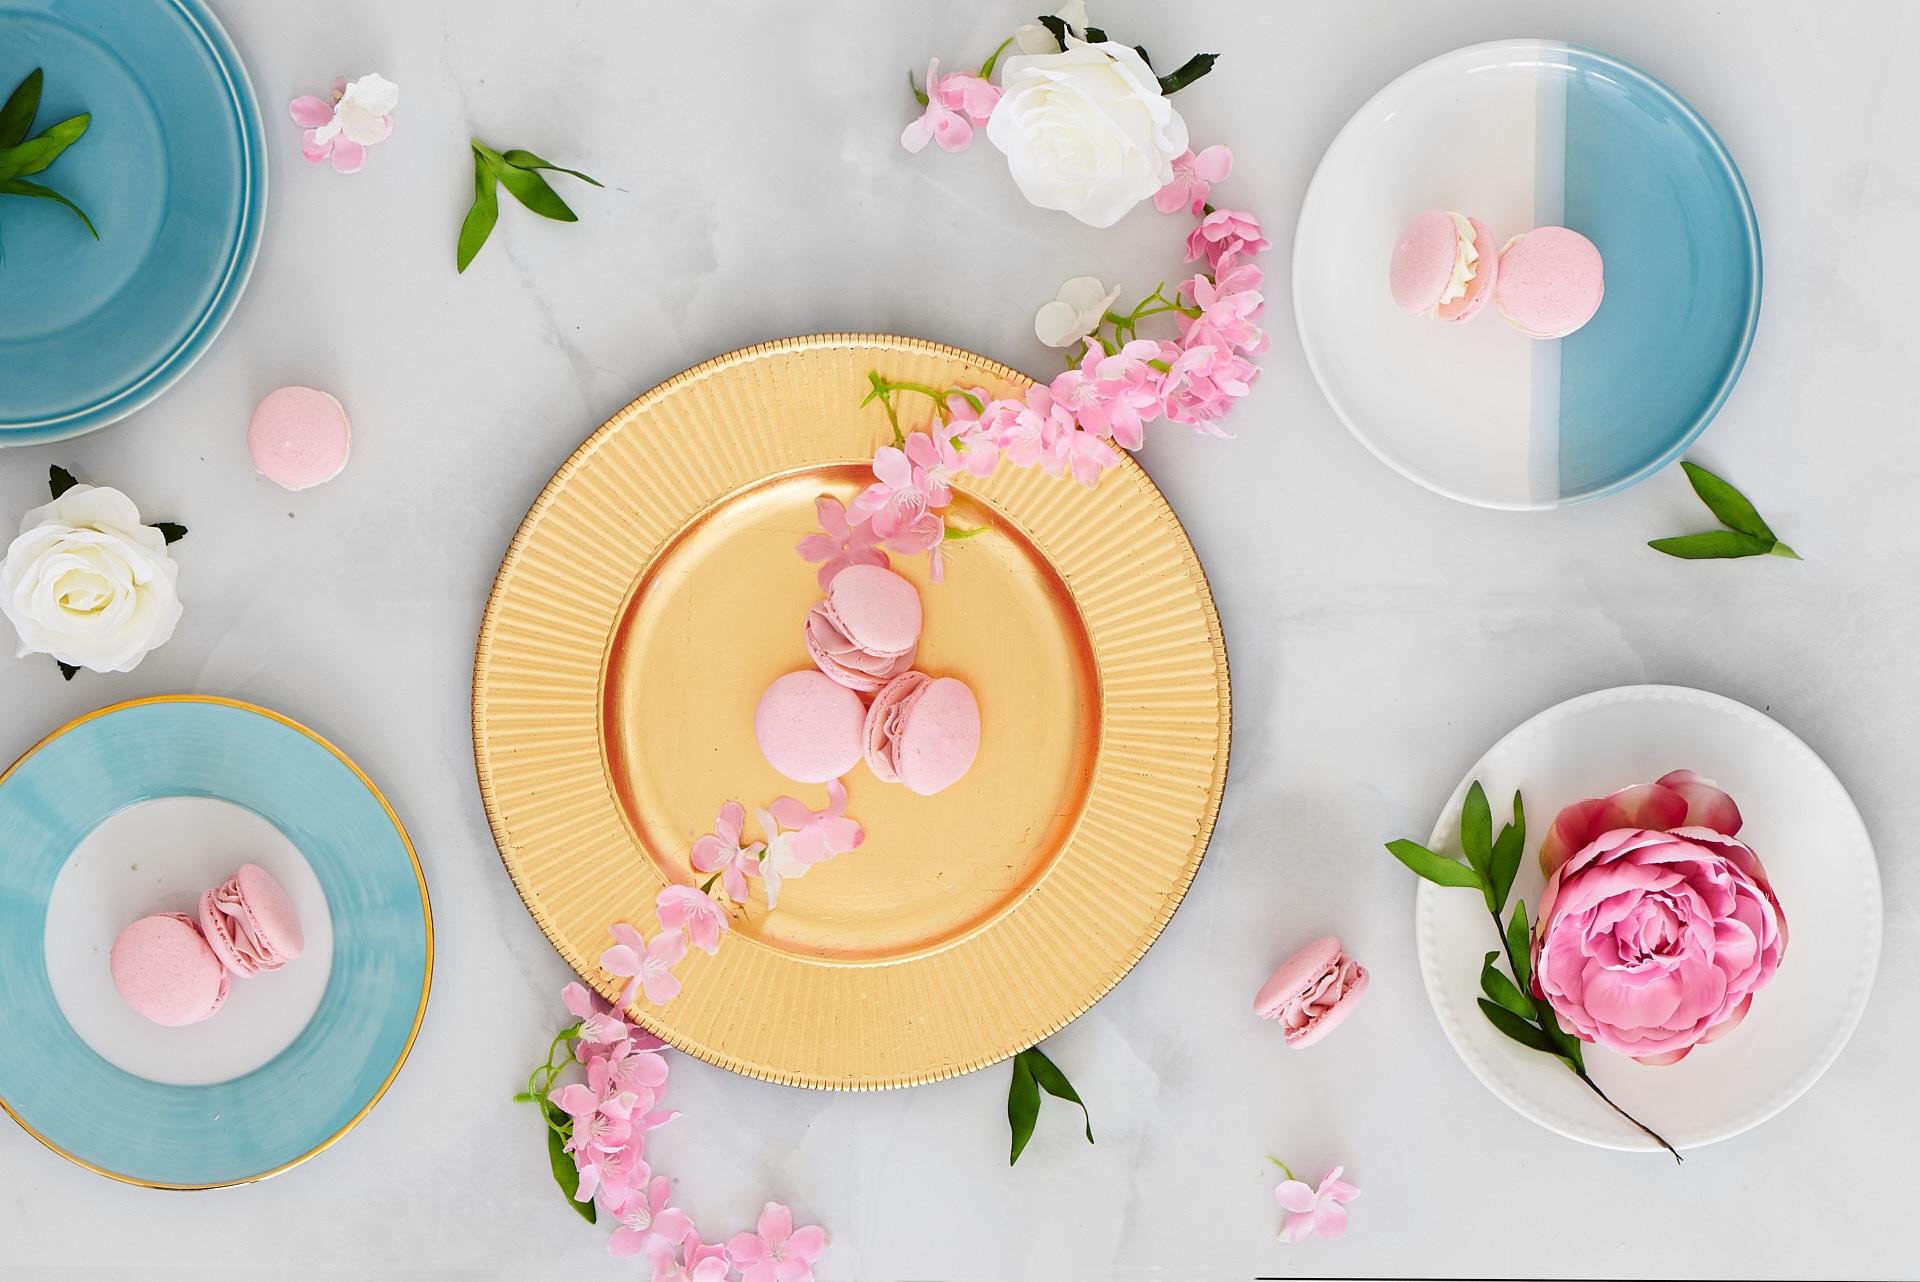 gateaux d'amore dessert photography